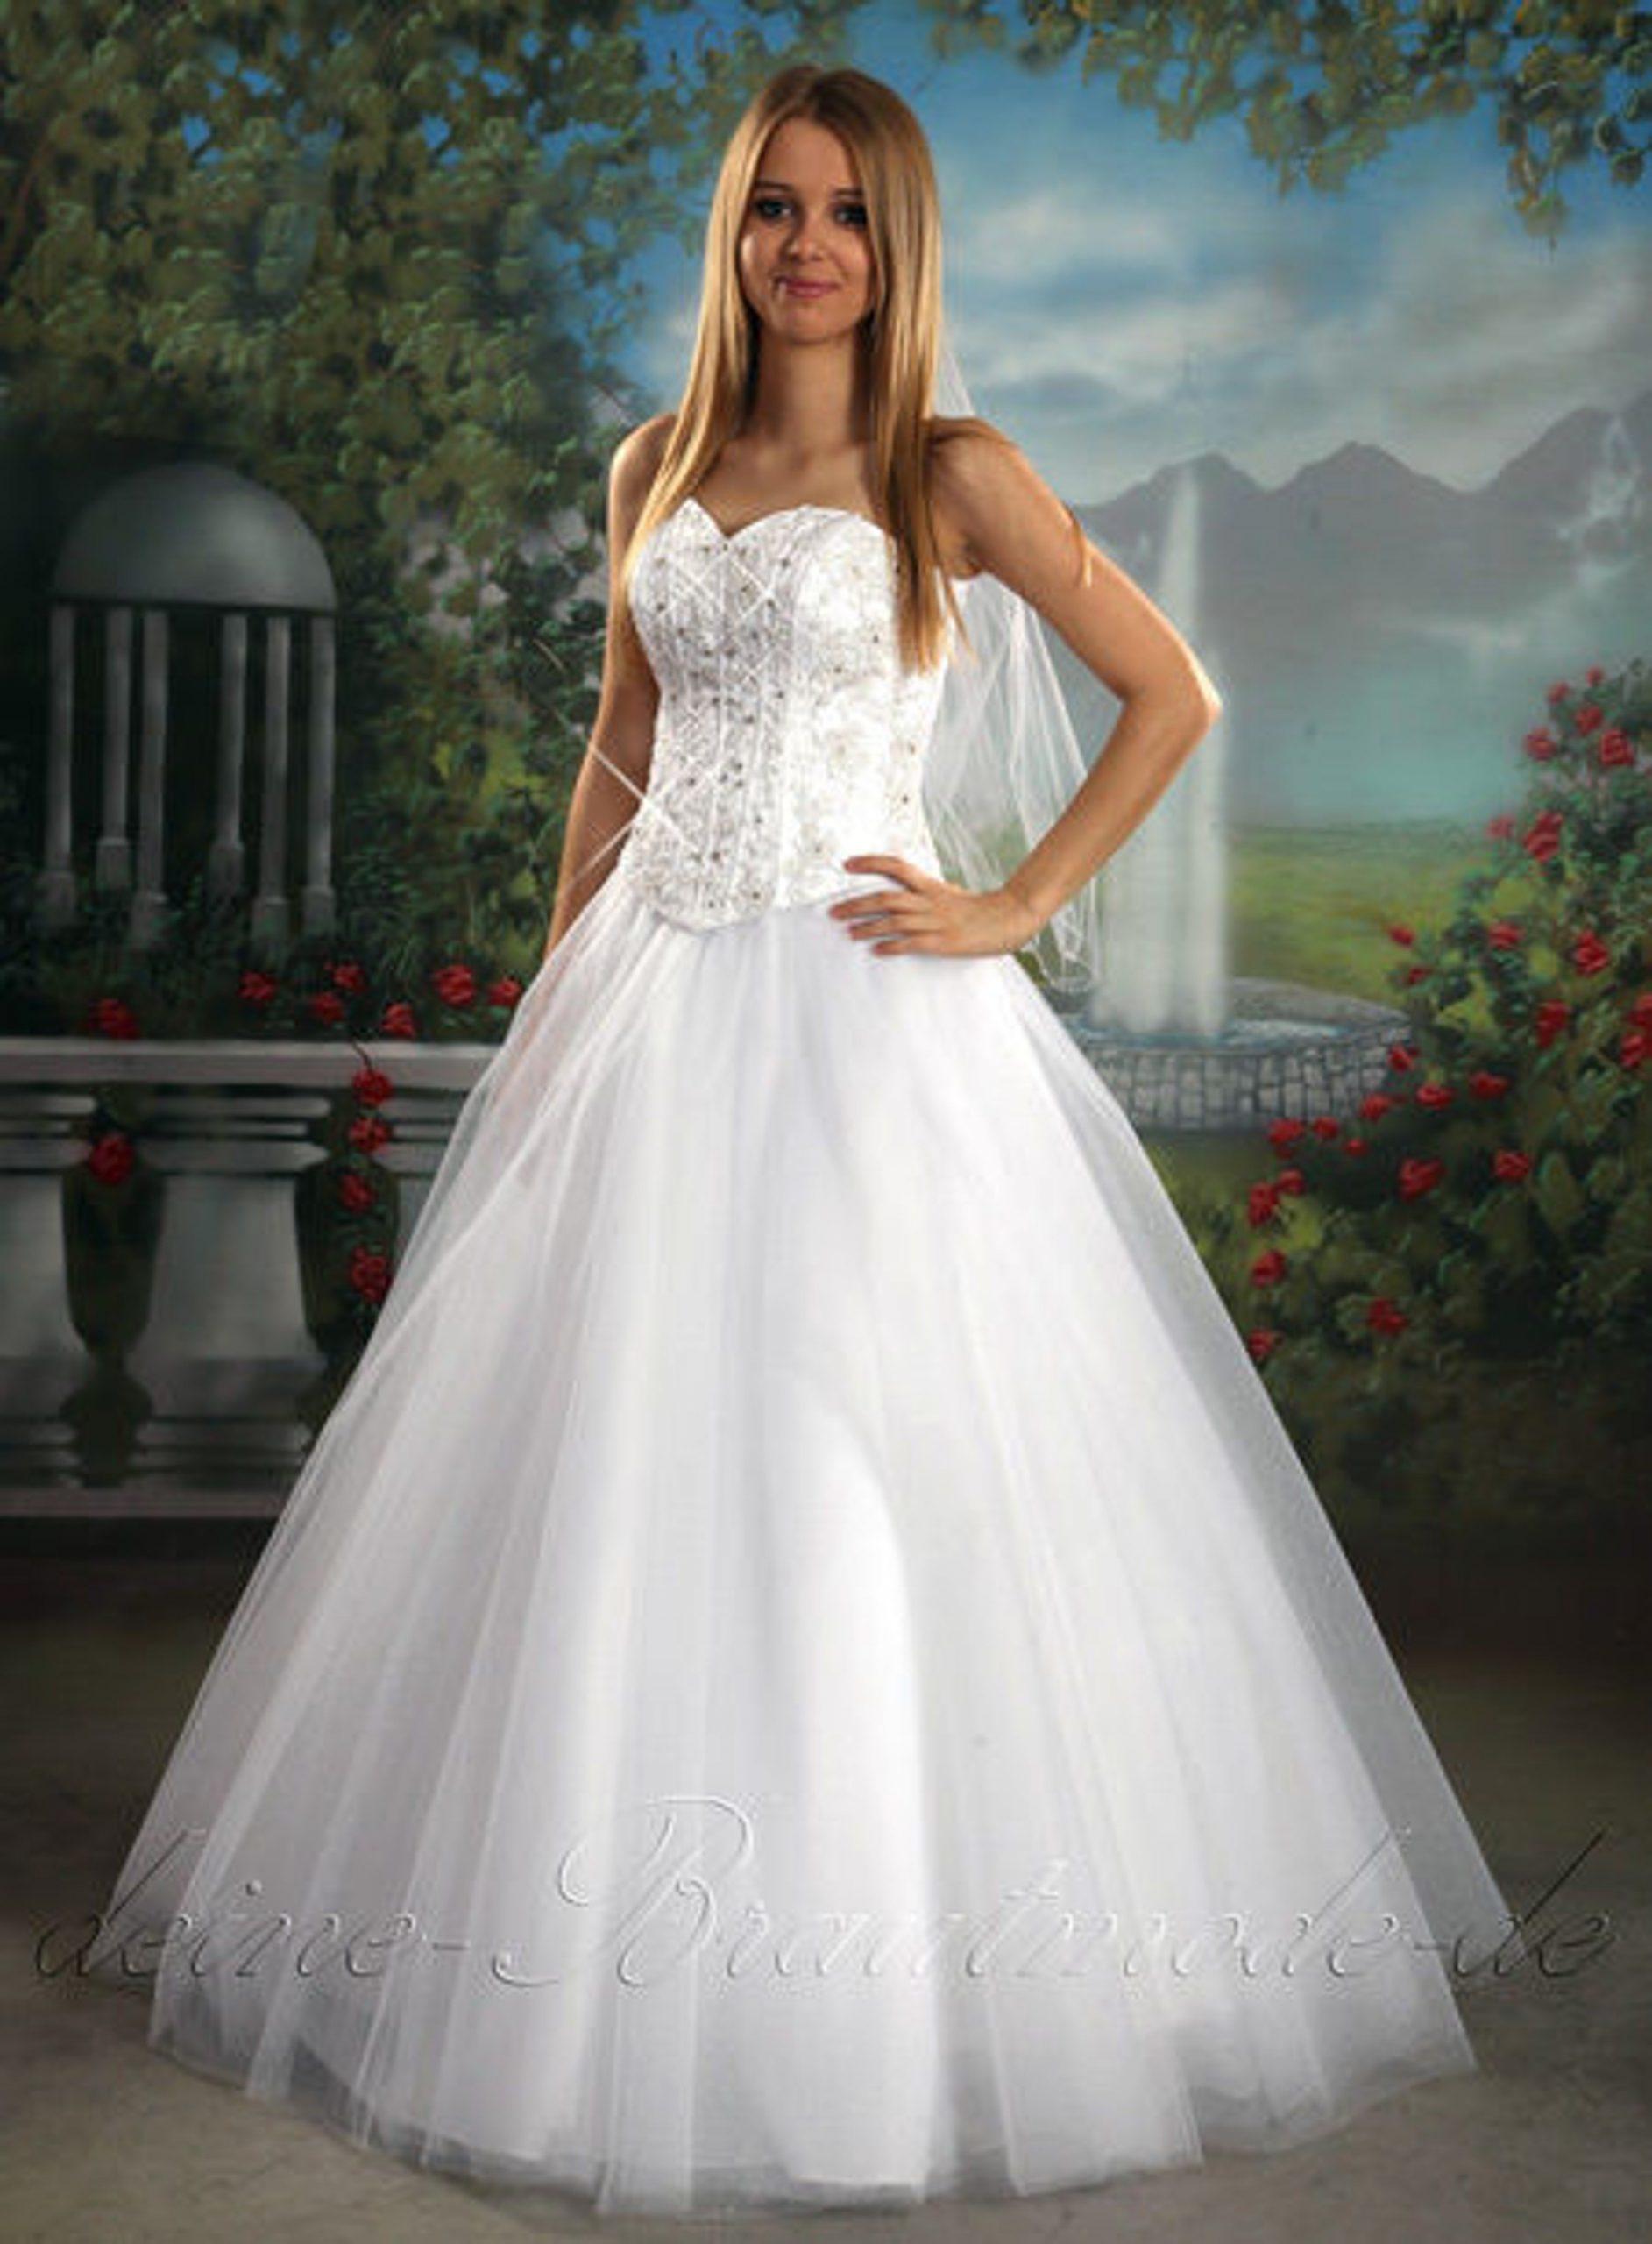 Luxus Kleid Für Die Hochzeit VertriebDesigner Schön Kleid Für Die Hochzeit Vertrieb